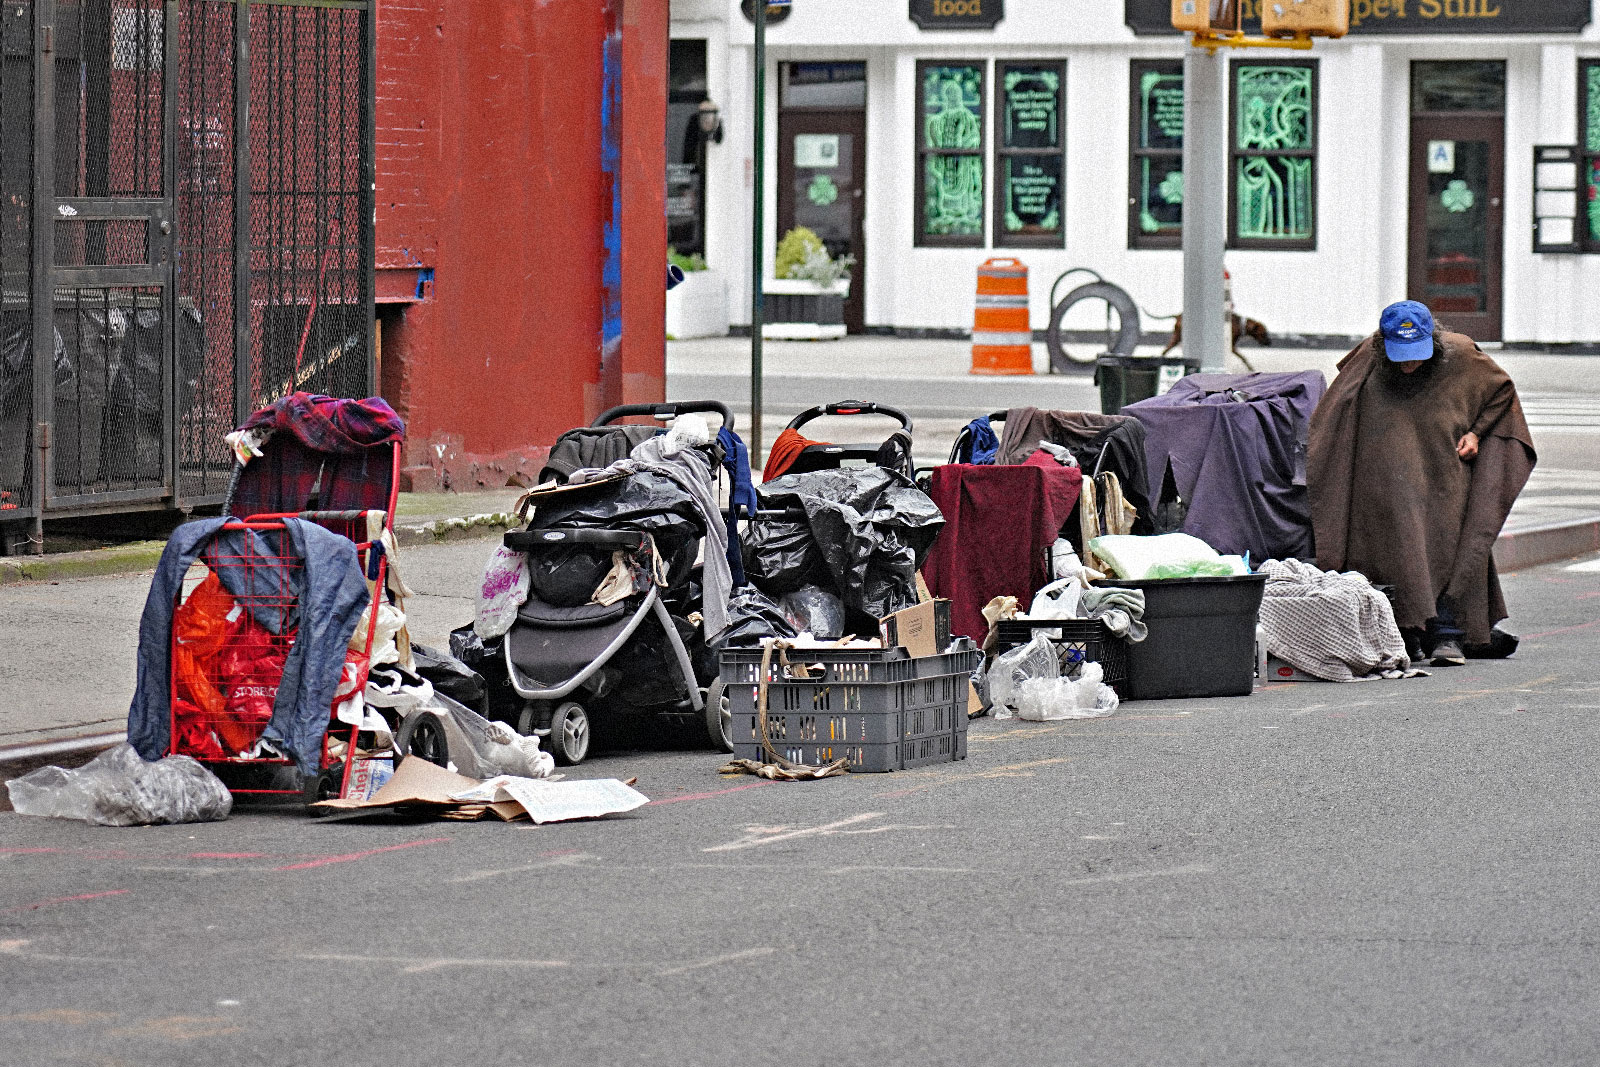 یک مرد بی خانمان با وسایلش در خیابانی در نیویورک نشسته است.